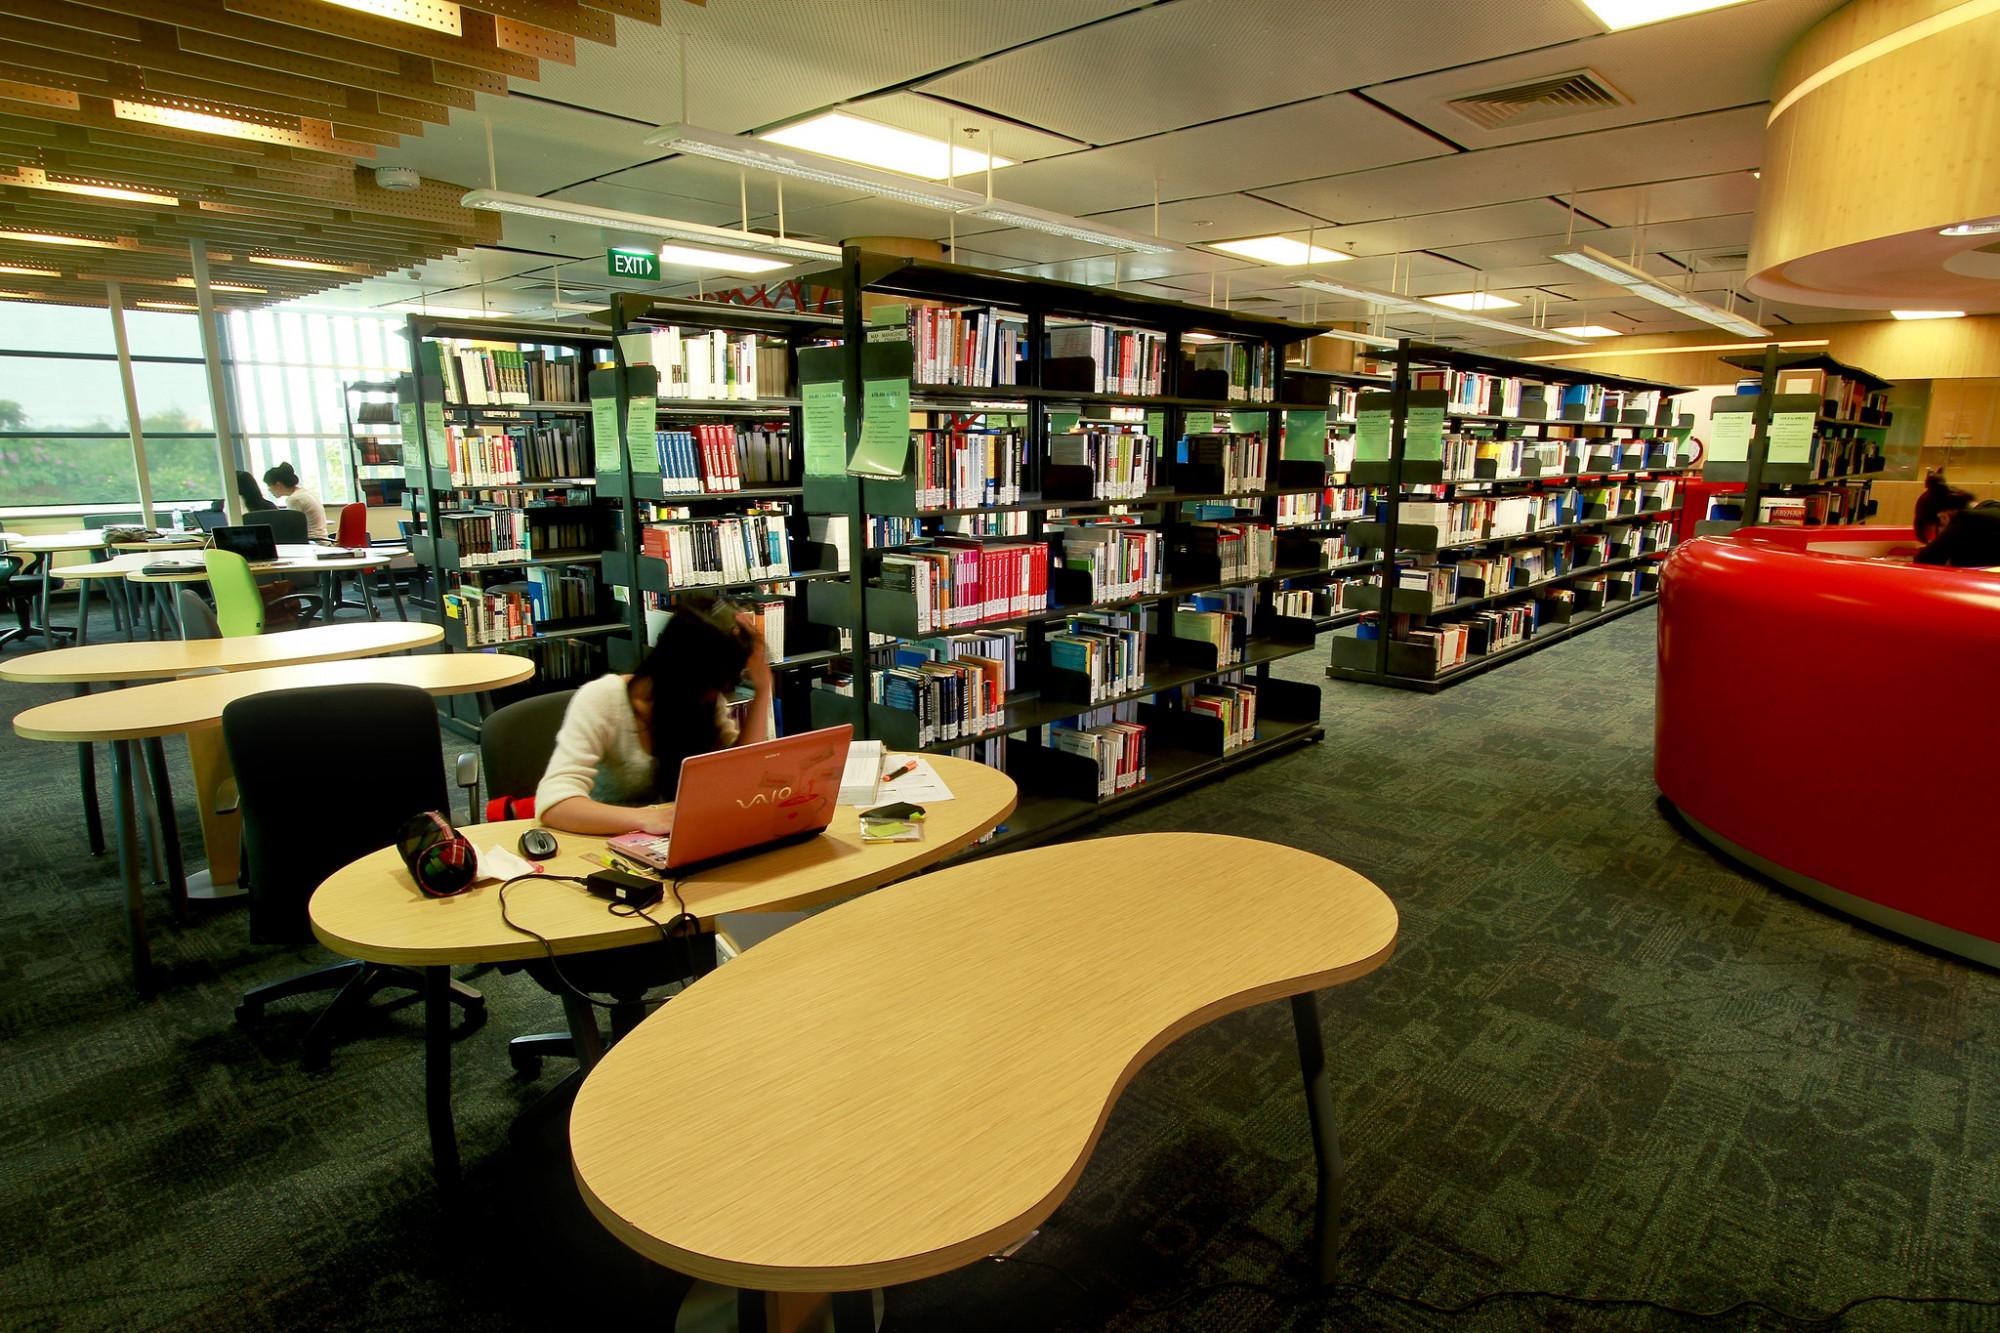 Sinh viên tự học trong thư viện